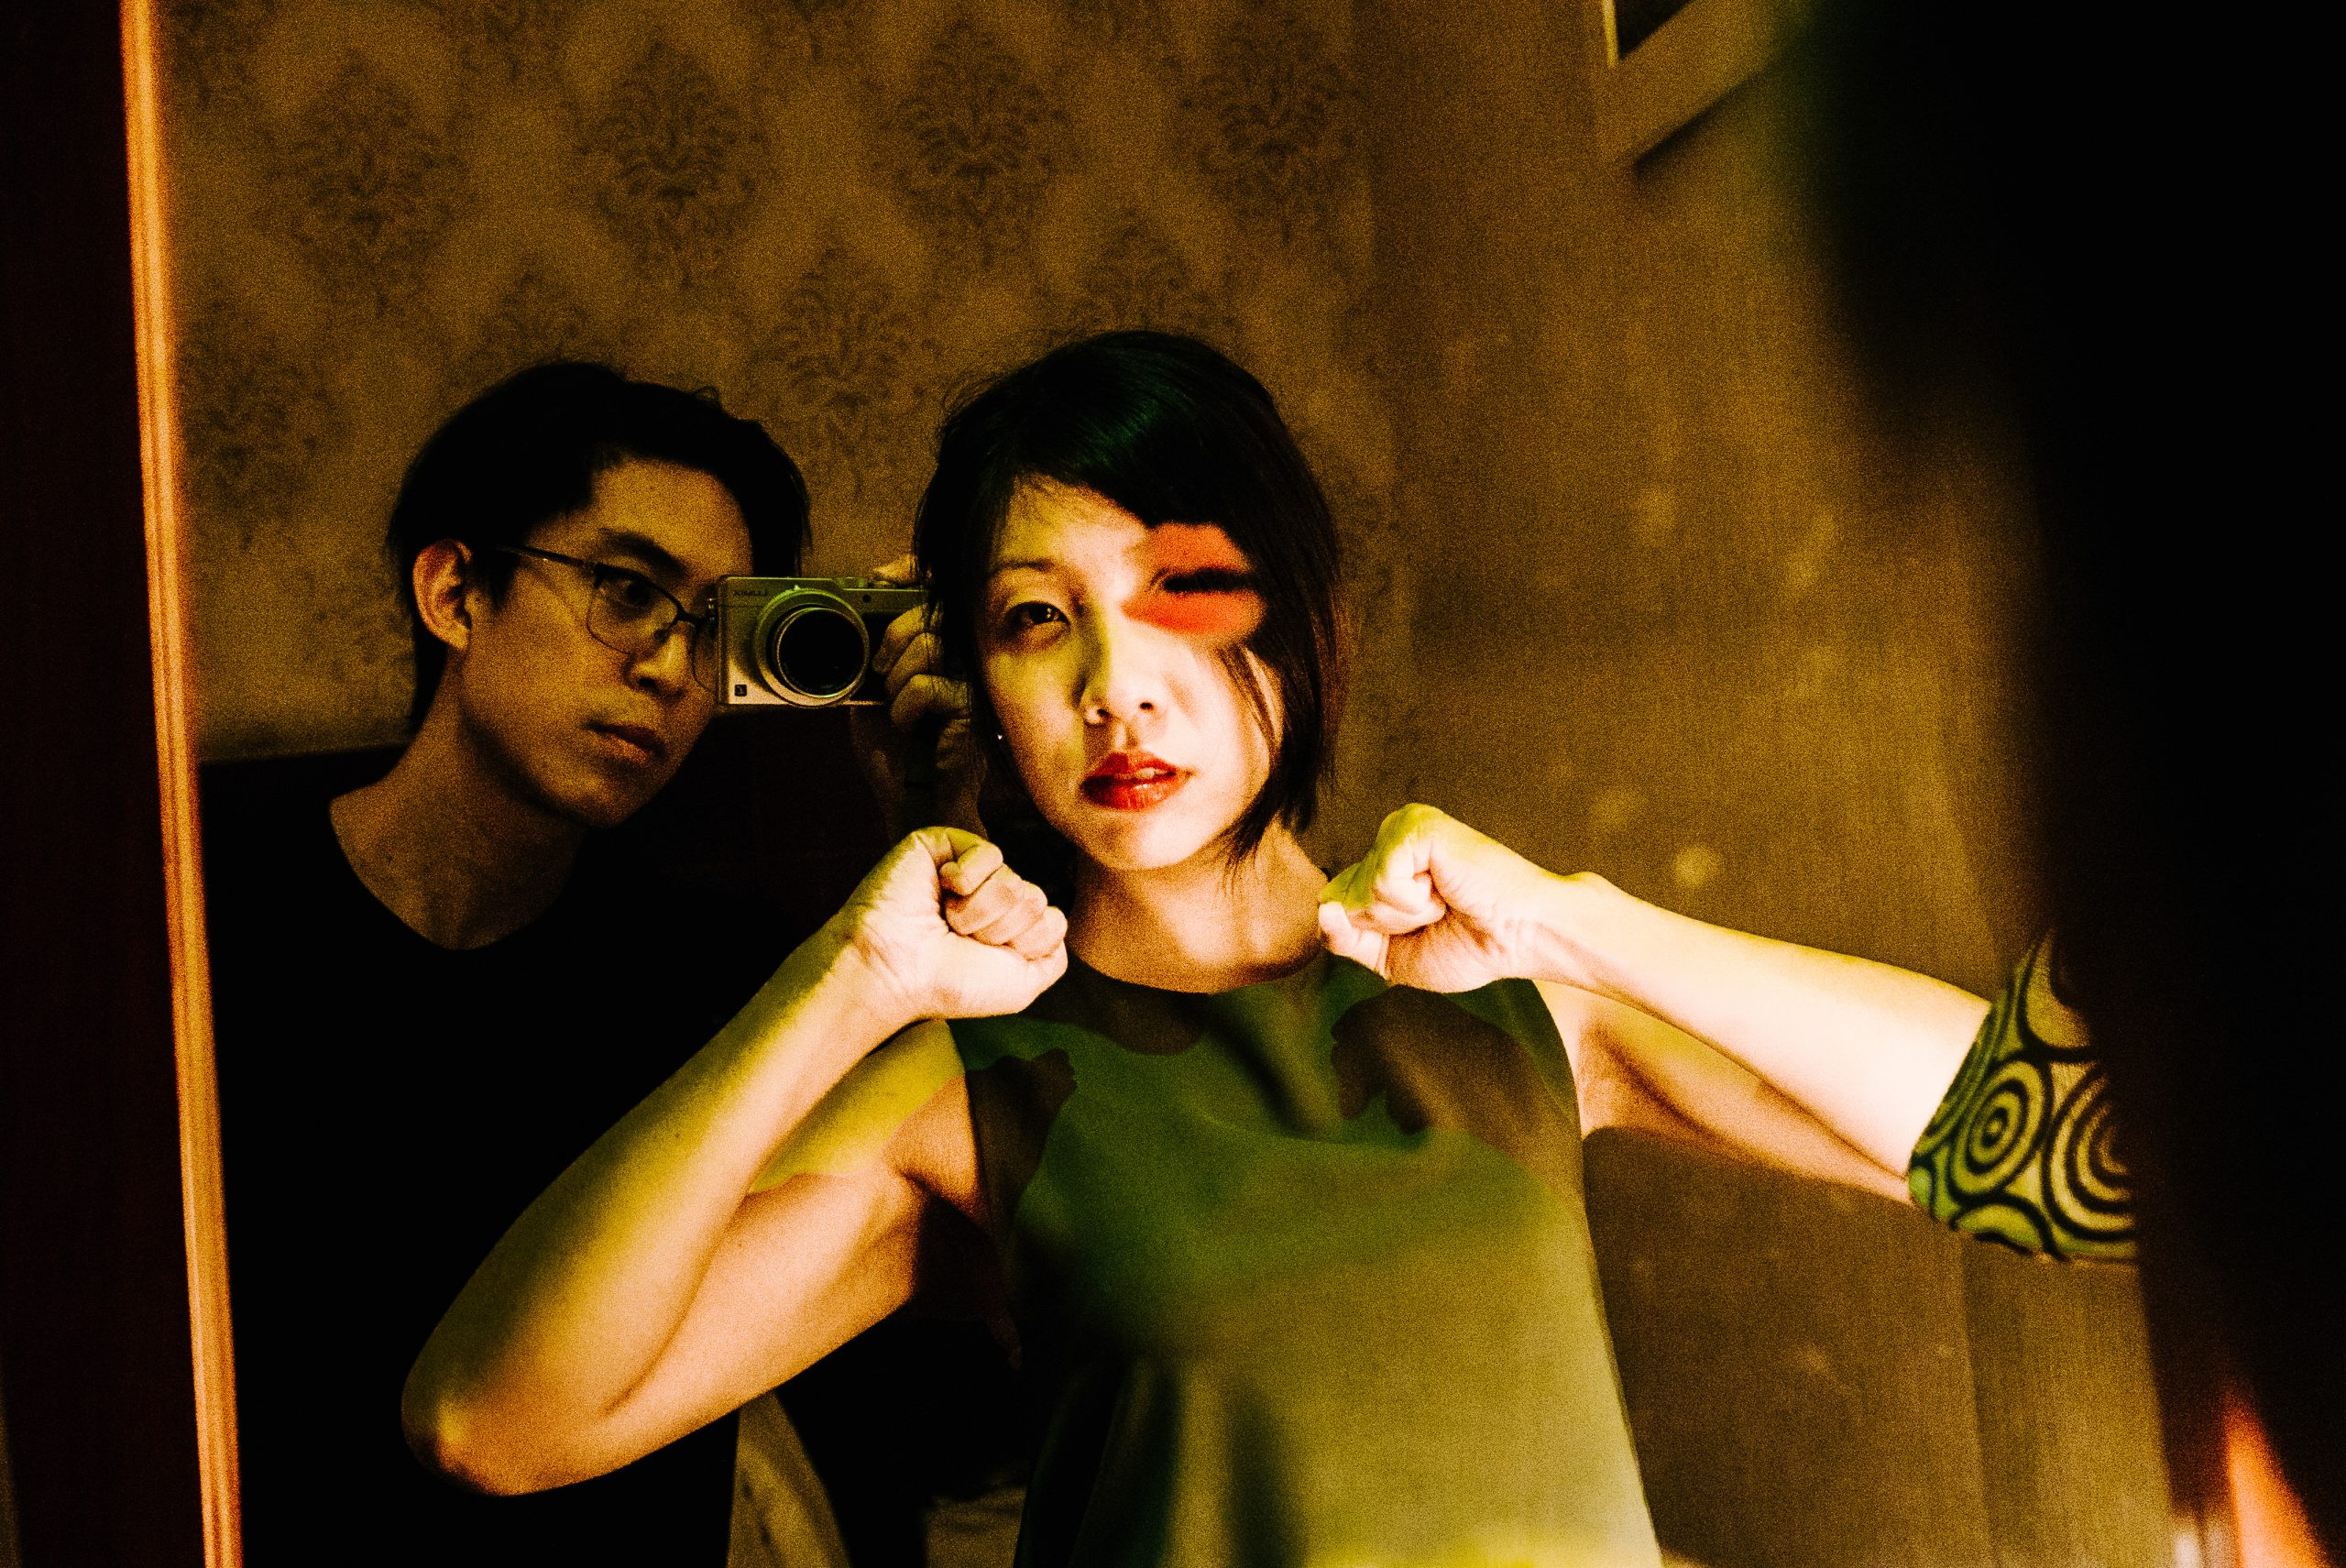 Cindy kiss eye mirror selfie Saigon